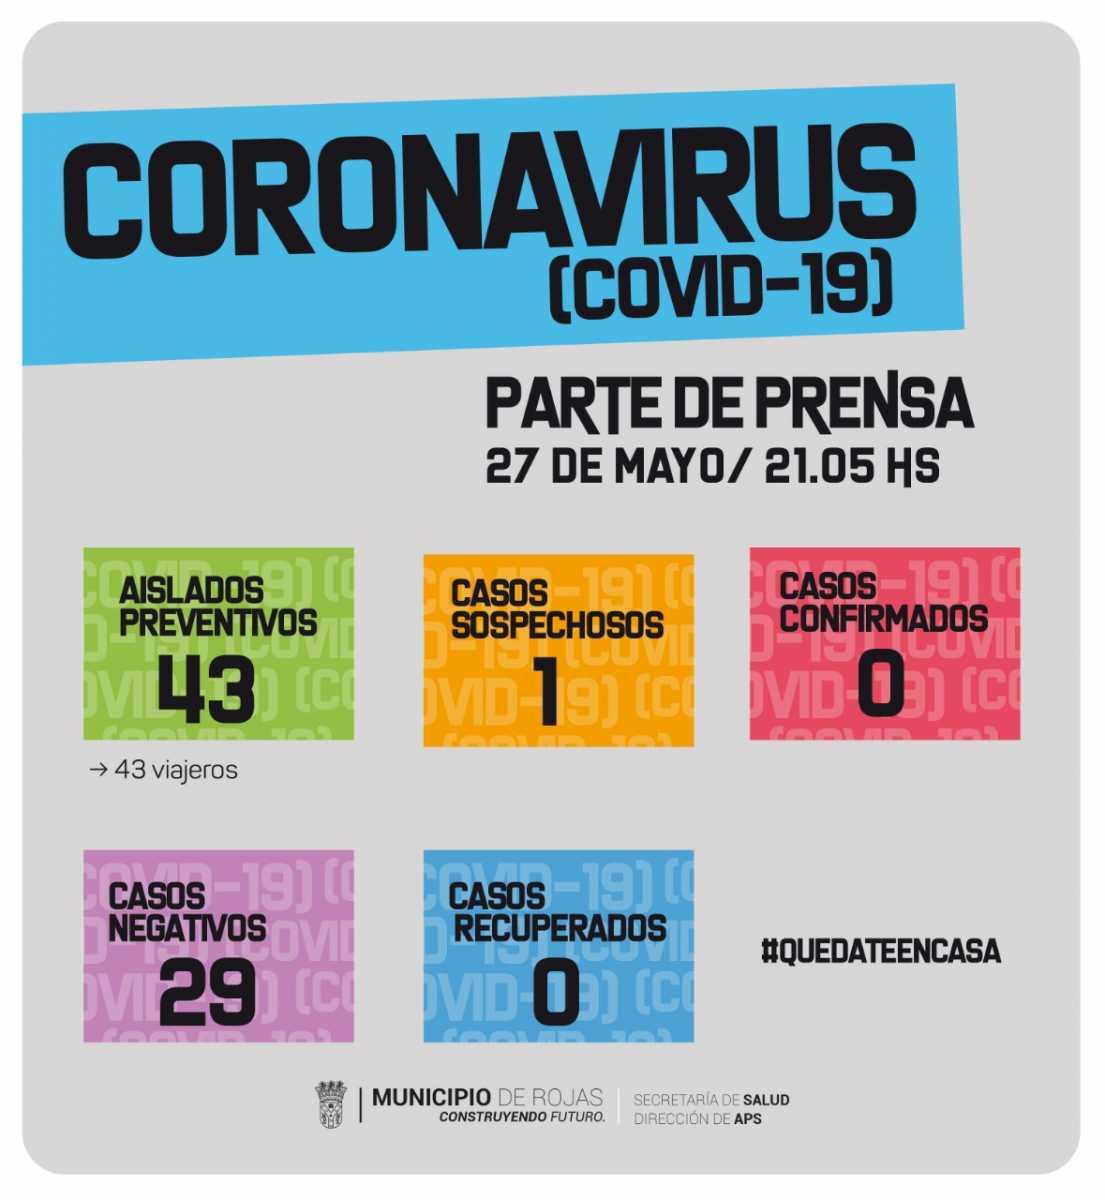 Covid 19: otro negativo, nuevo caso sospechoso